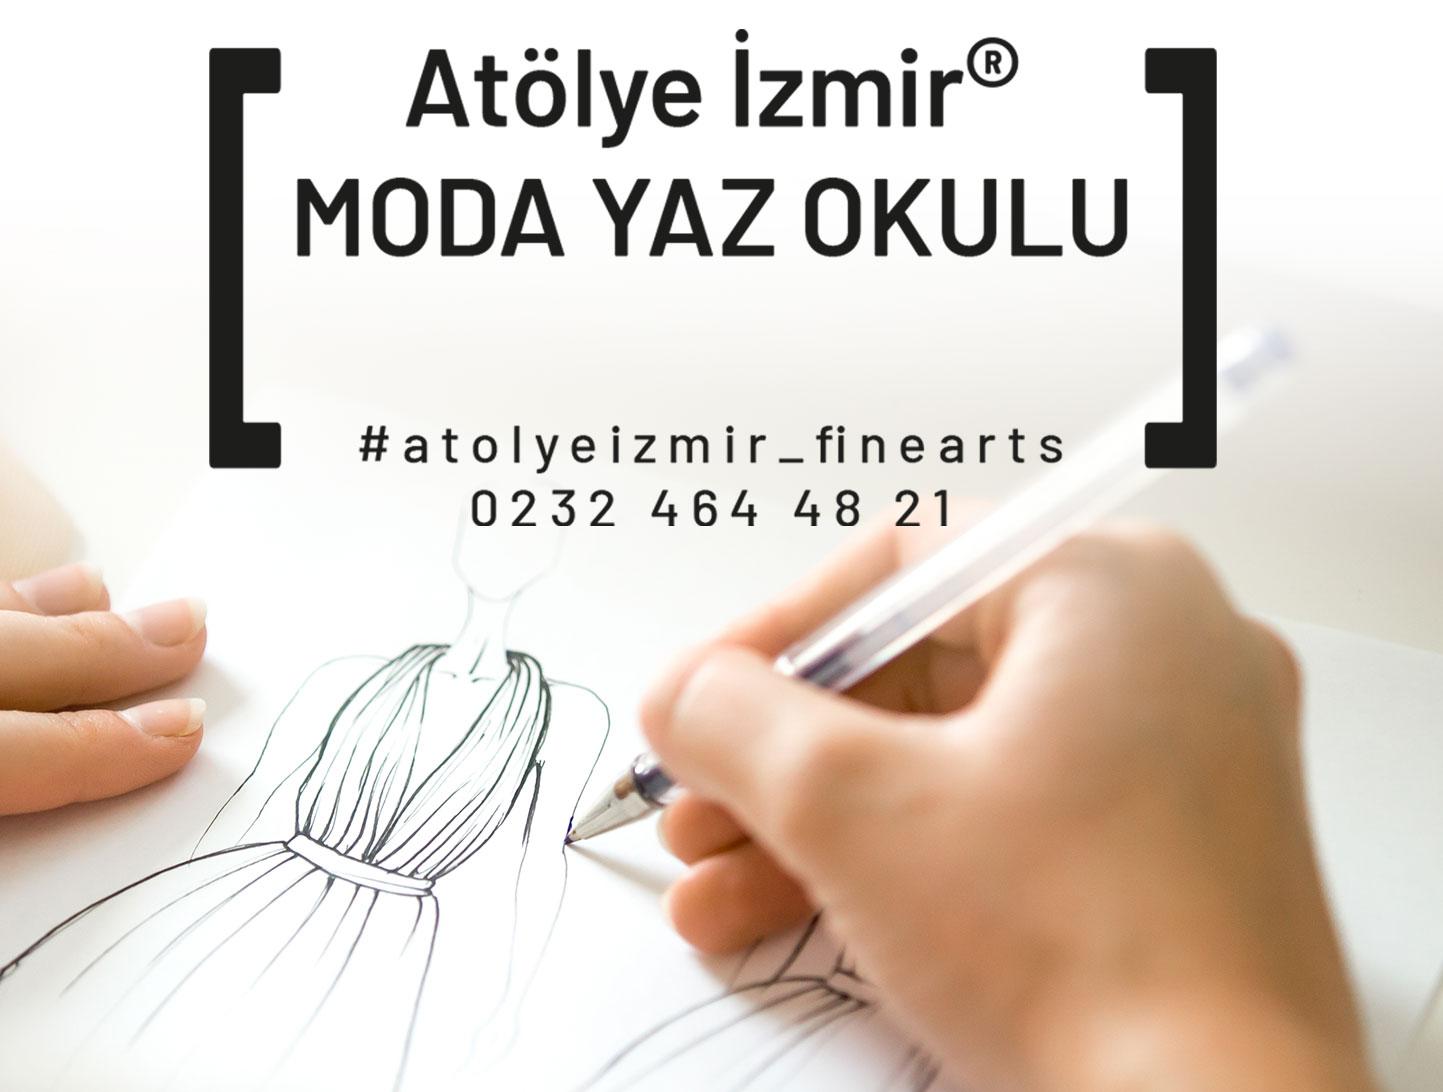 Moda Yaz Okulu – Atölye İzmir